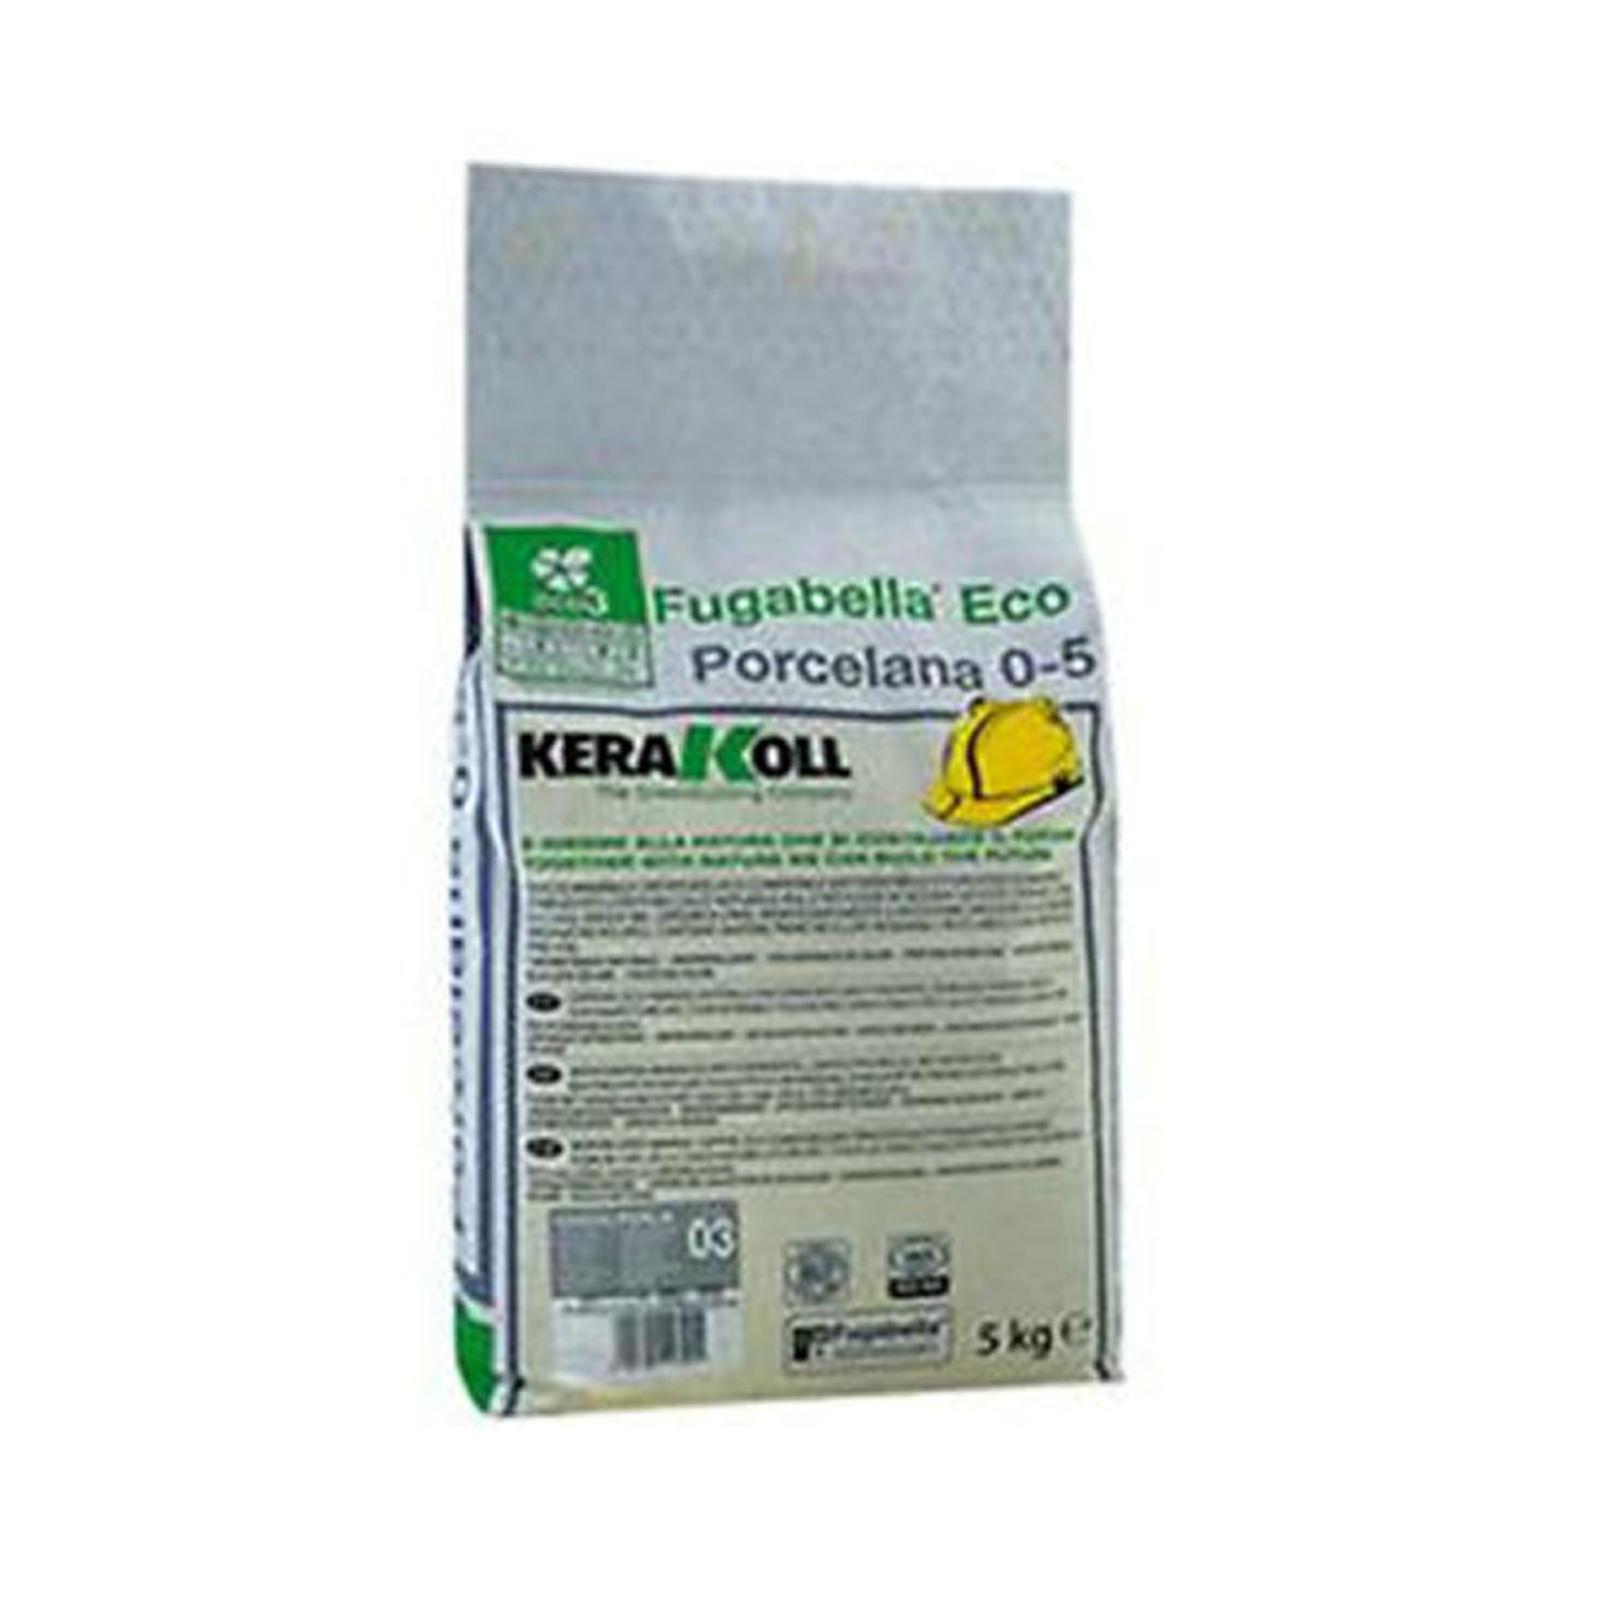 Kerakoll fugabella eco porcelana 0-5 fuga stucco per piastrelle colore silver kg5